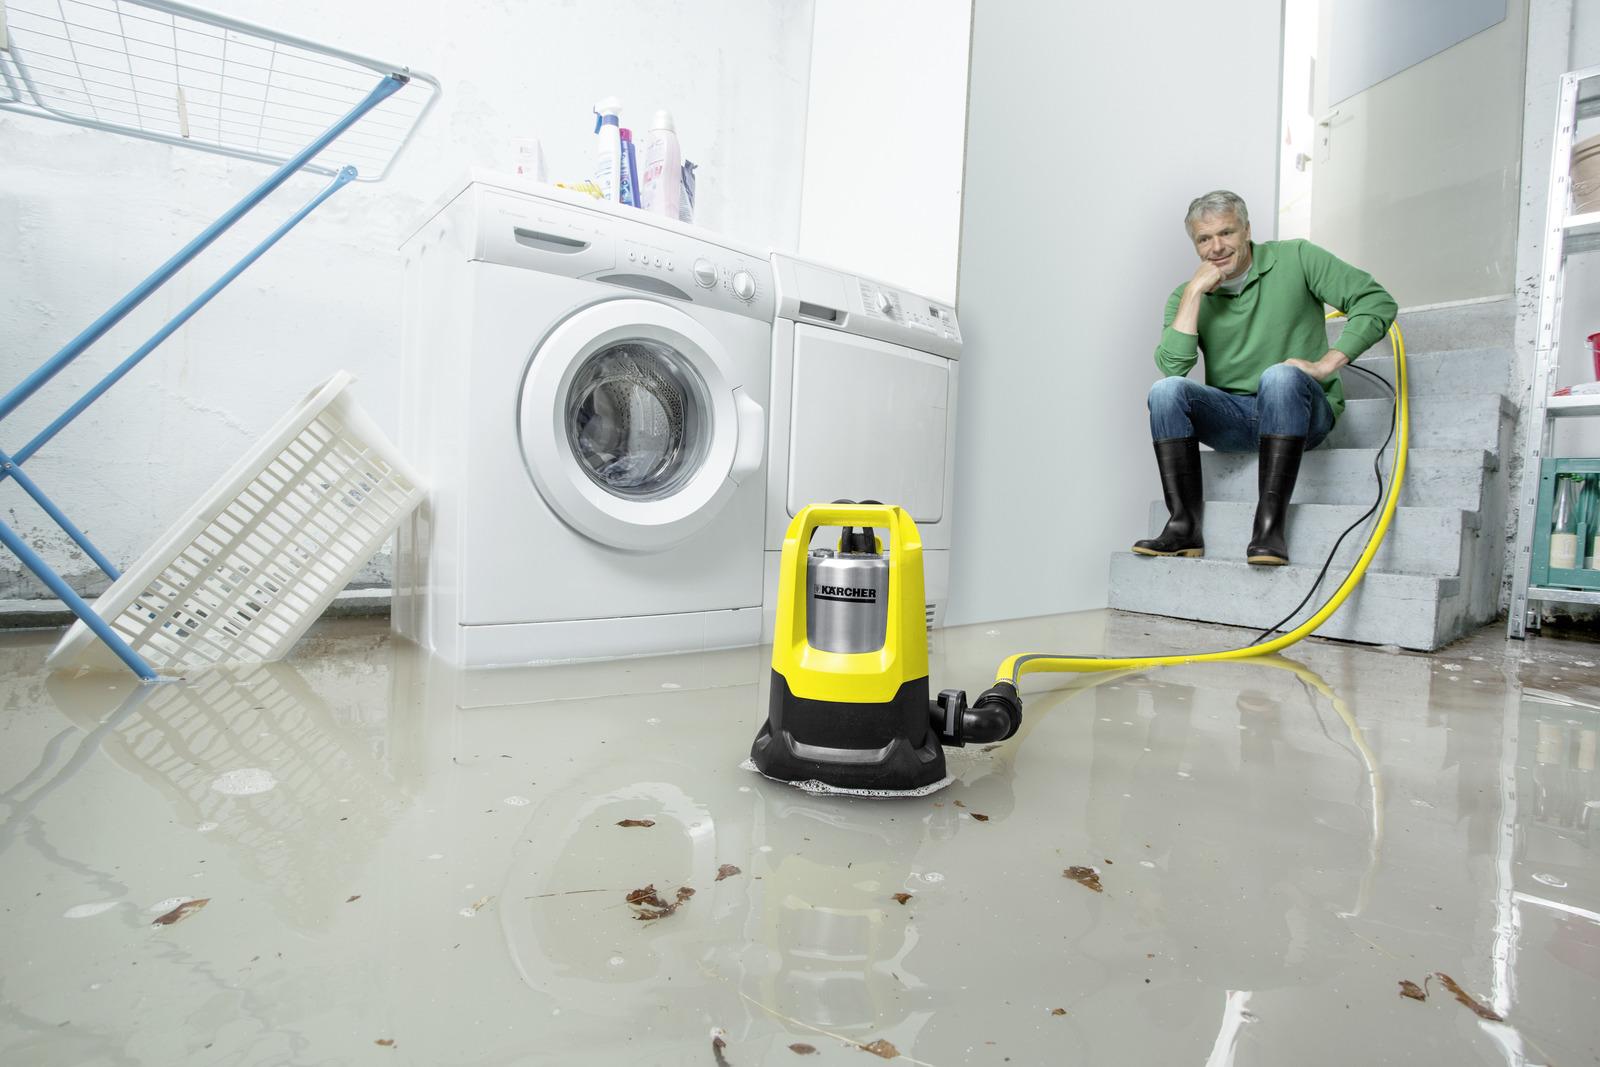 pompe d 39 vacuation pour eaux charg es sp 7 dirt inox k rcher. Black Bedroom Furniture Sets. Home Design Ideas